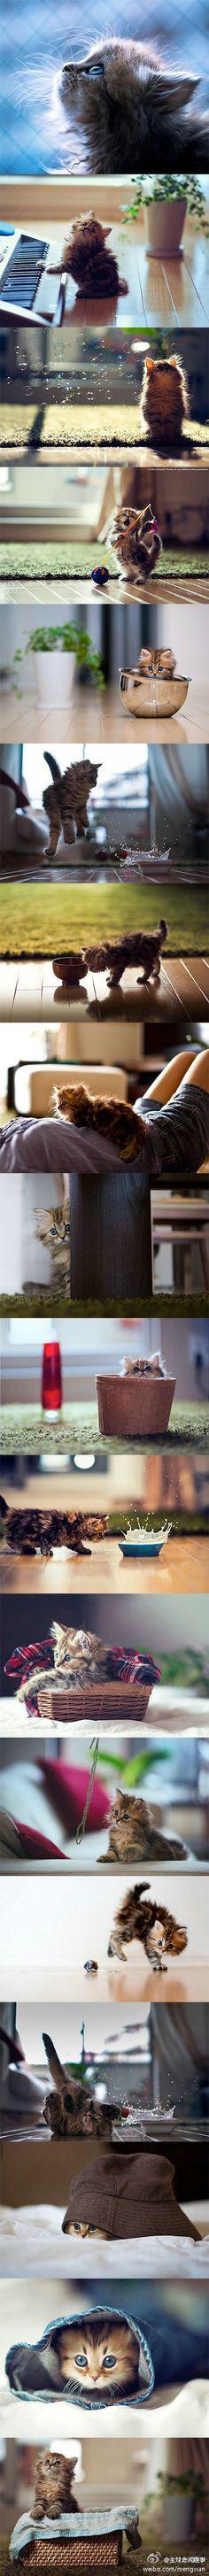 for you. *smiles* kittens. gotta love 'em.  <3 m